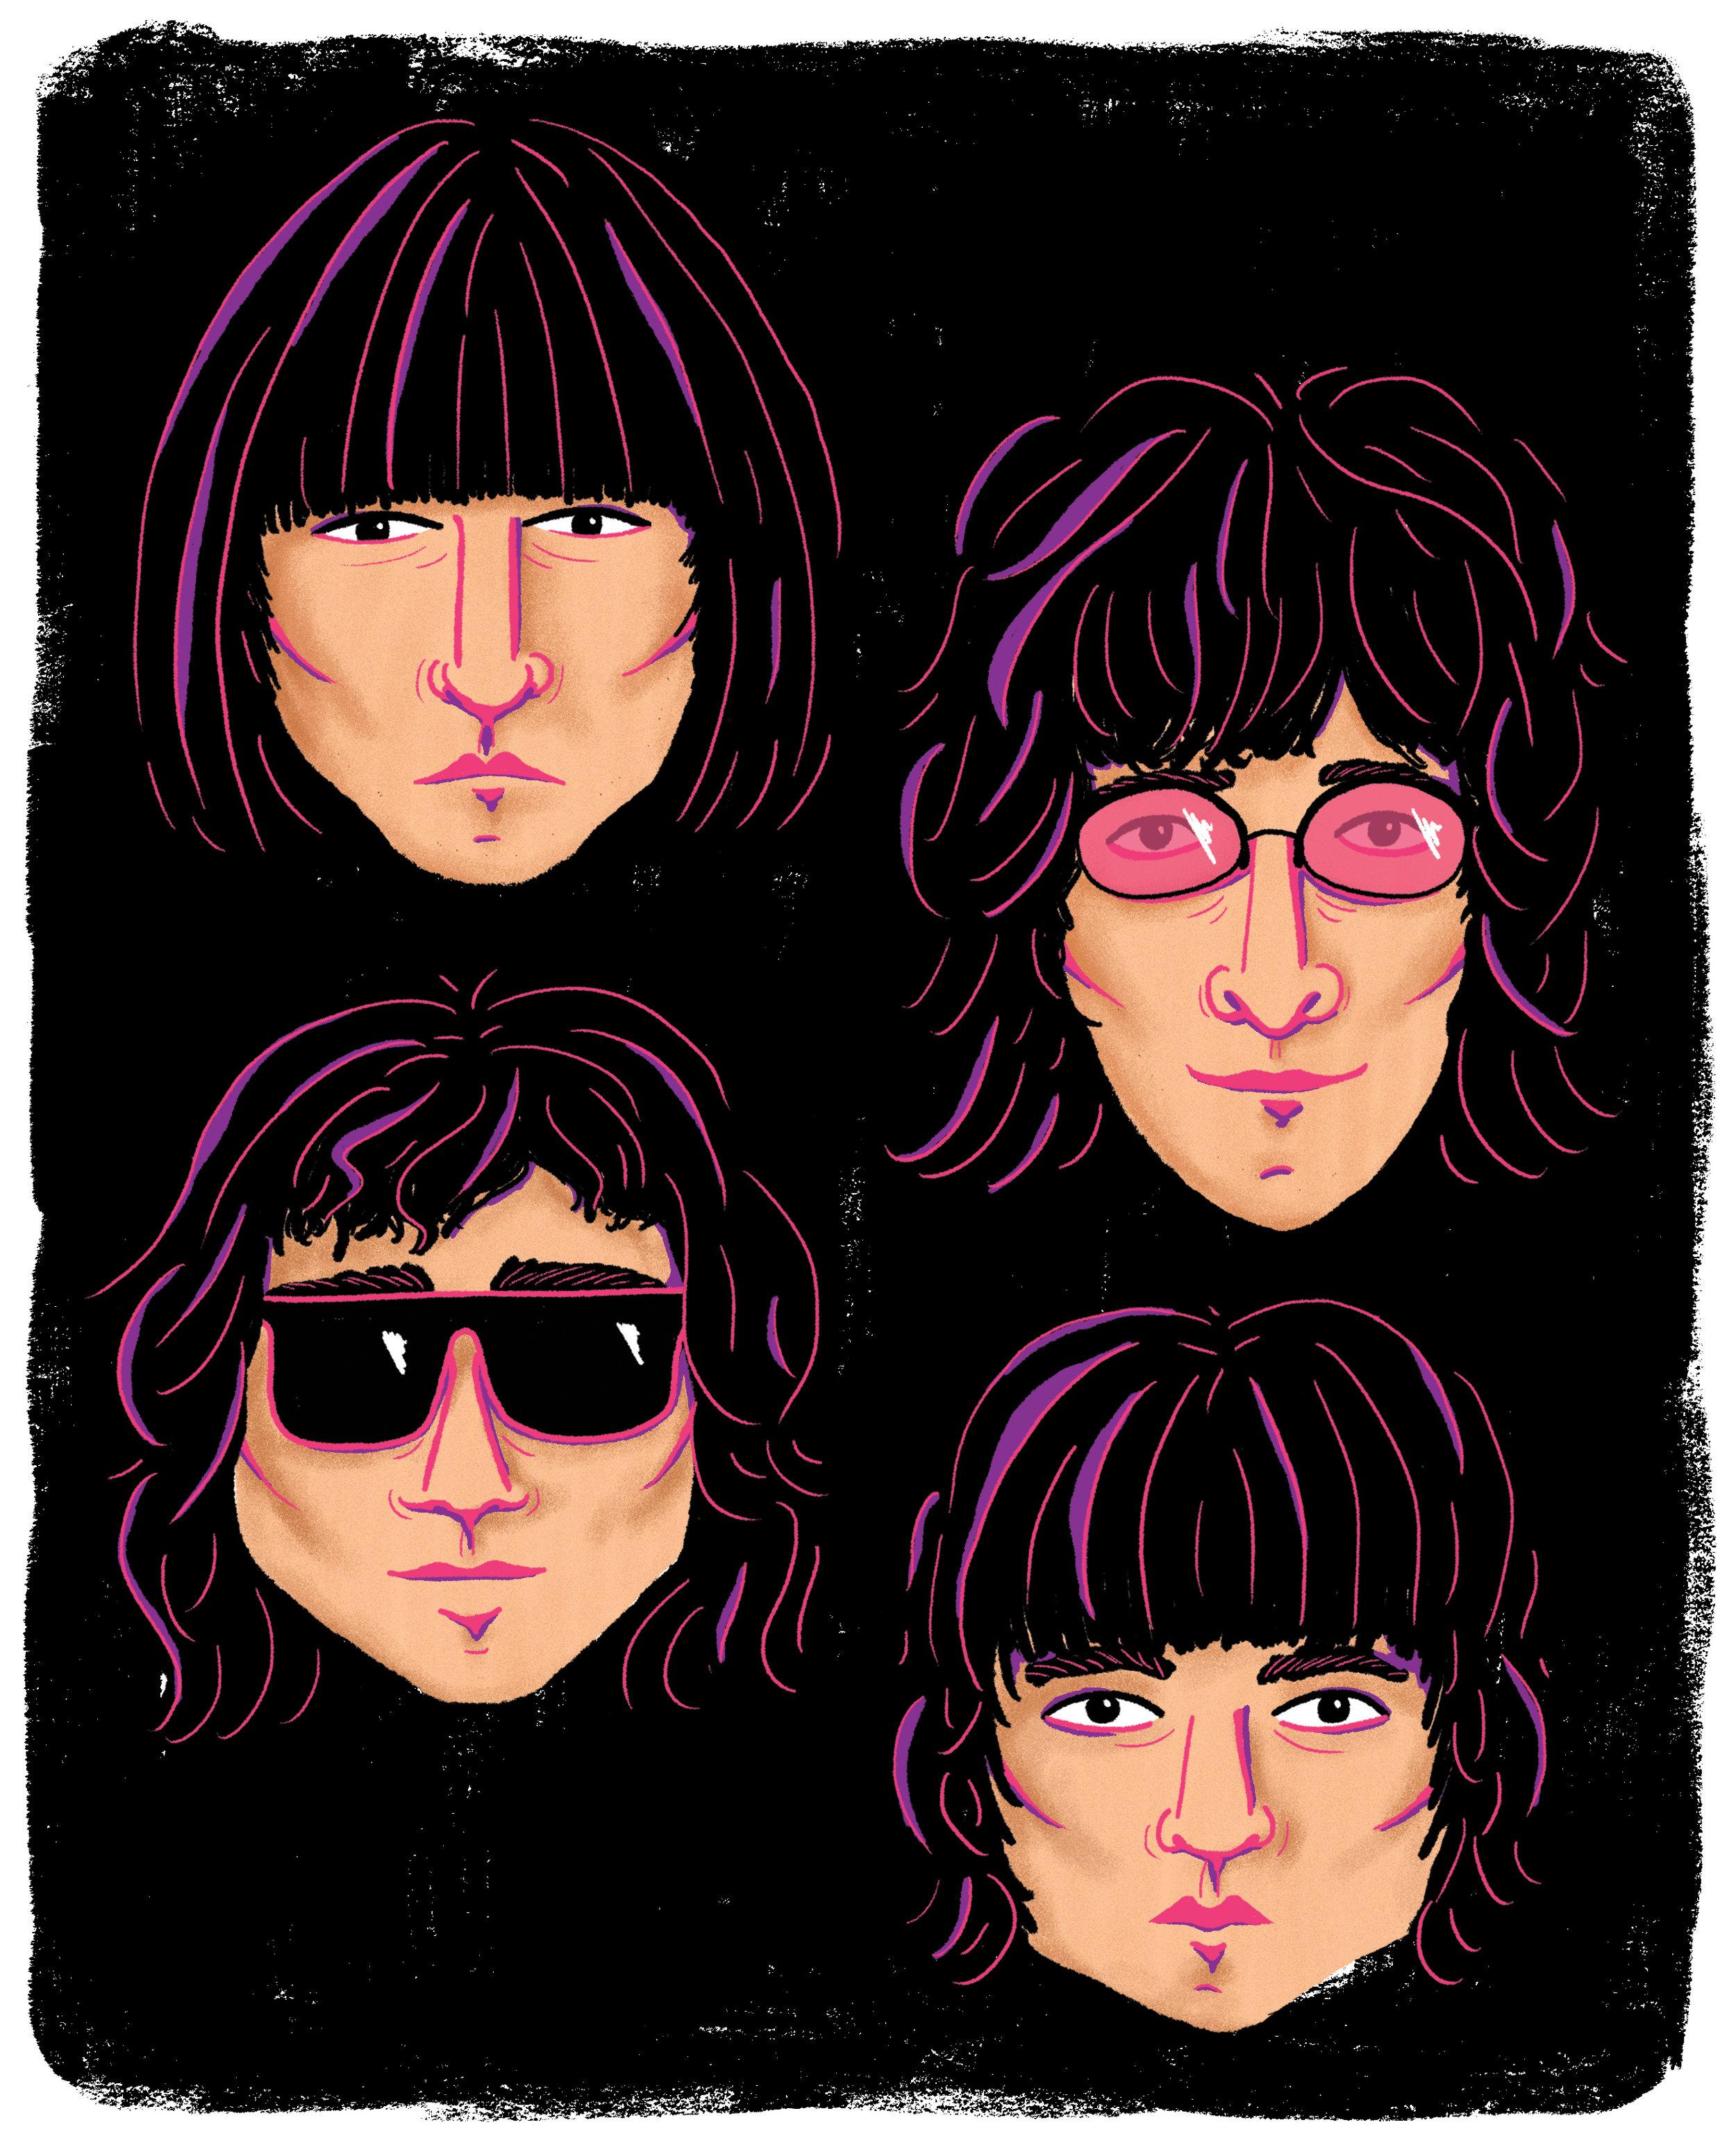 SoYoung_Ramones.jpg